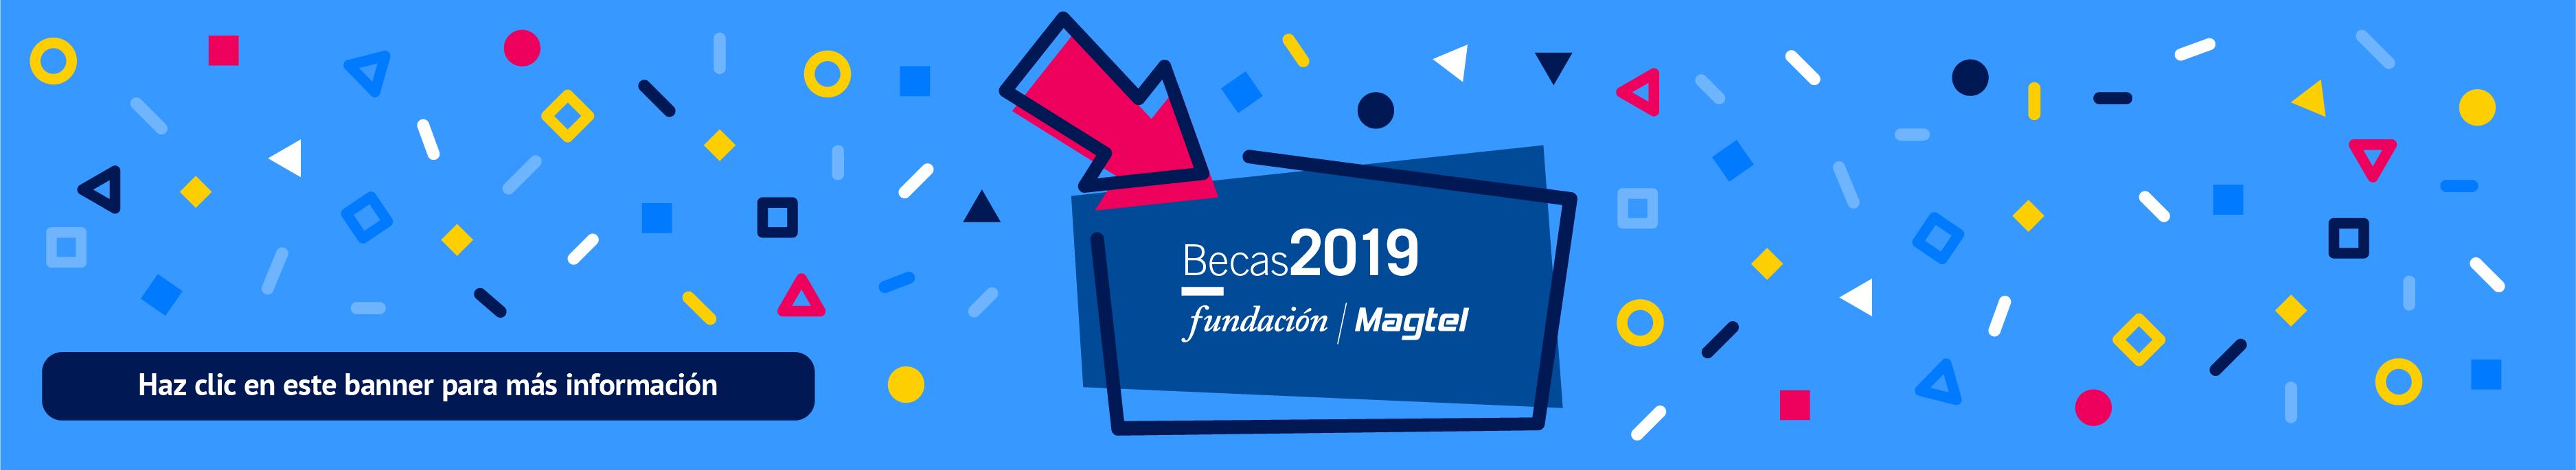 banner-becas-2019